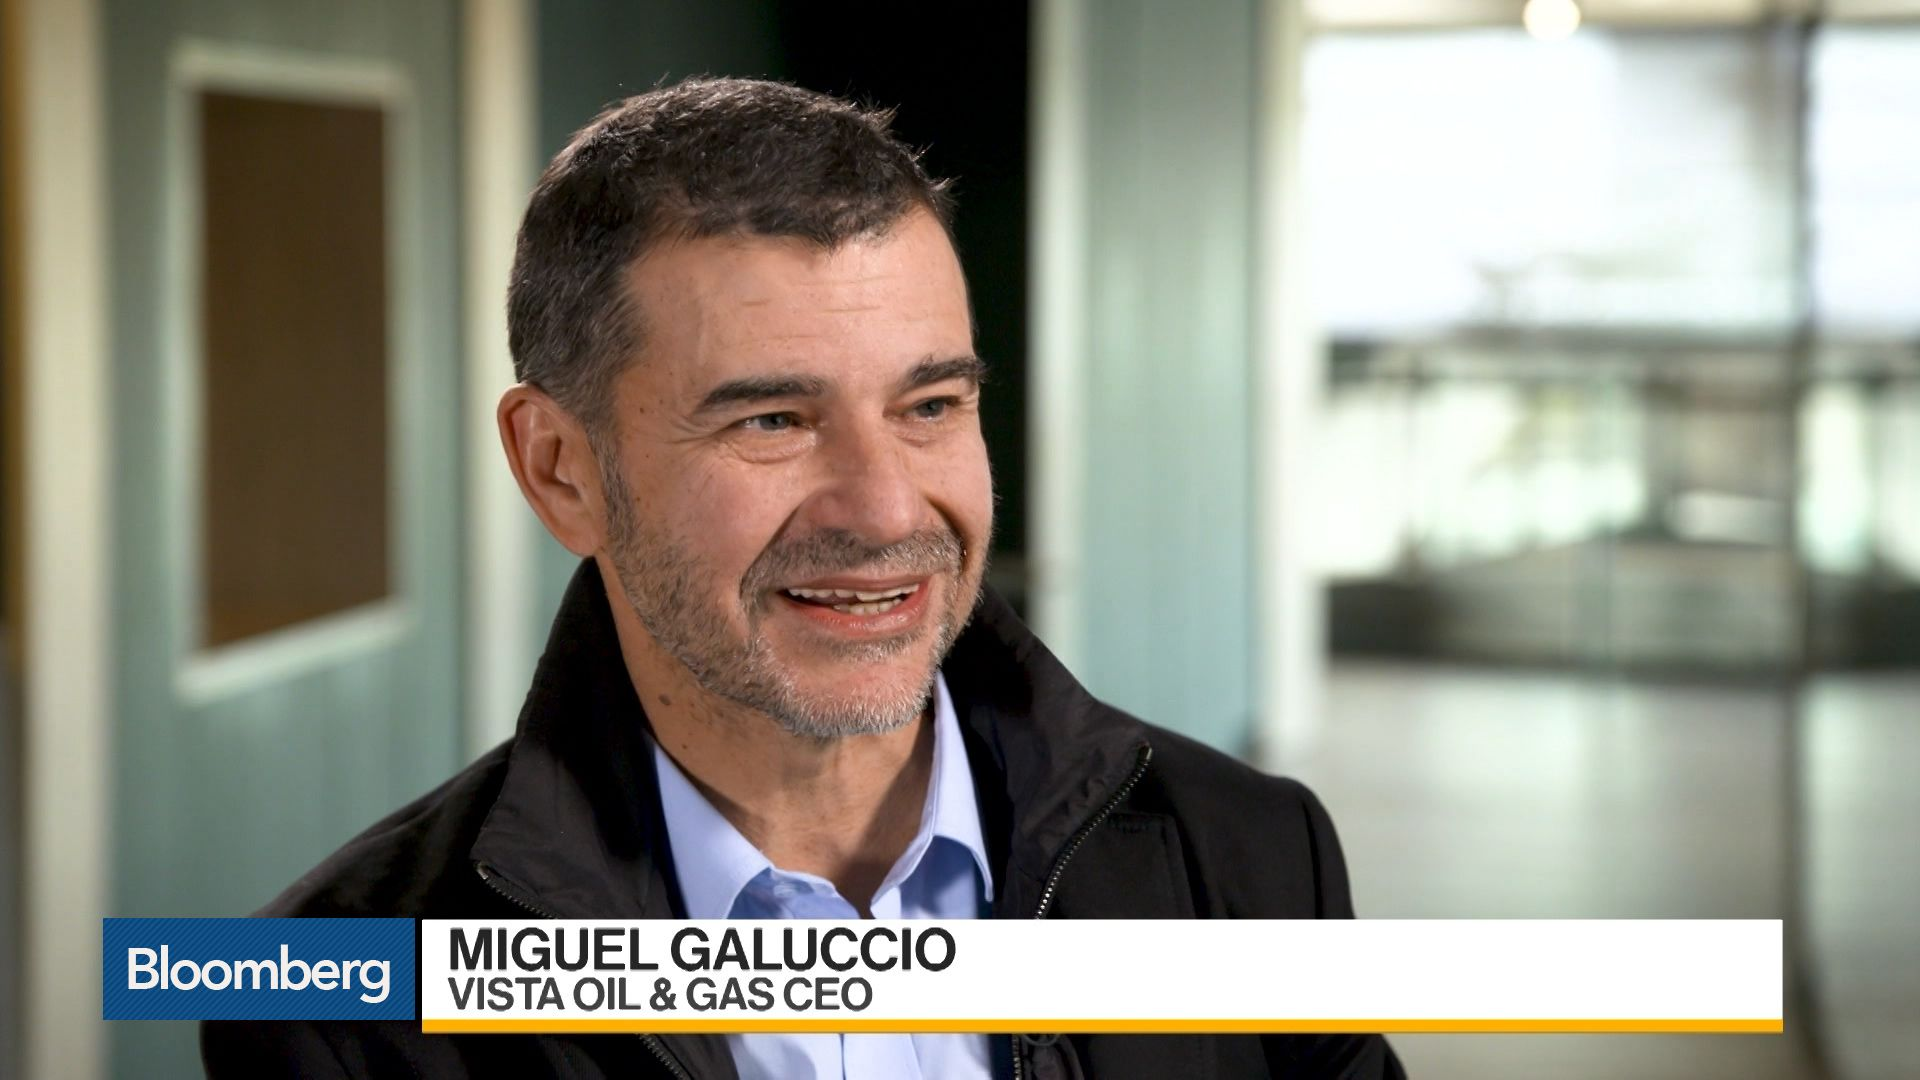 Miguel Galuccio fue entrevistado por Bloomberg TV